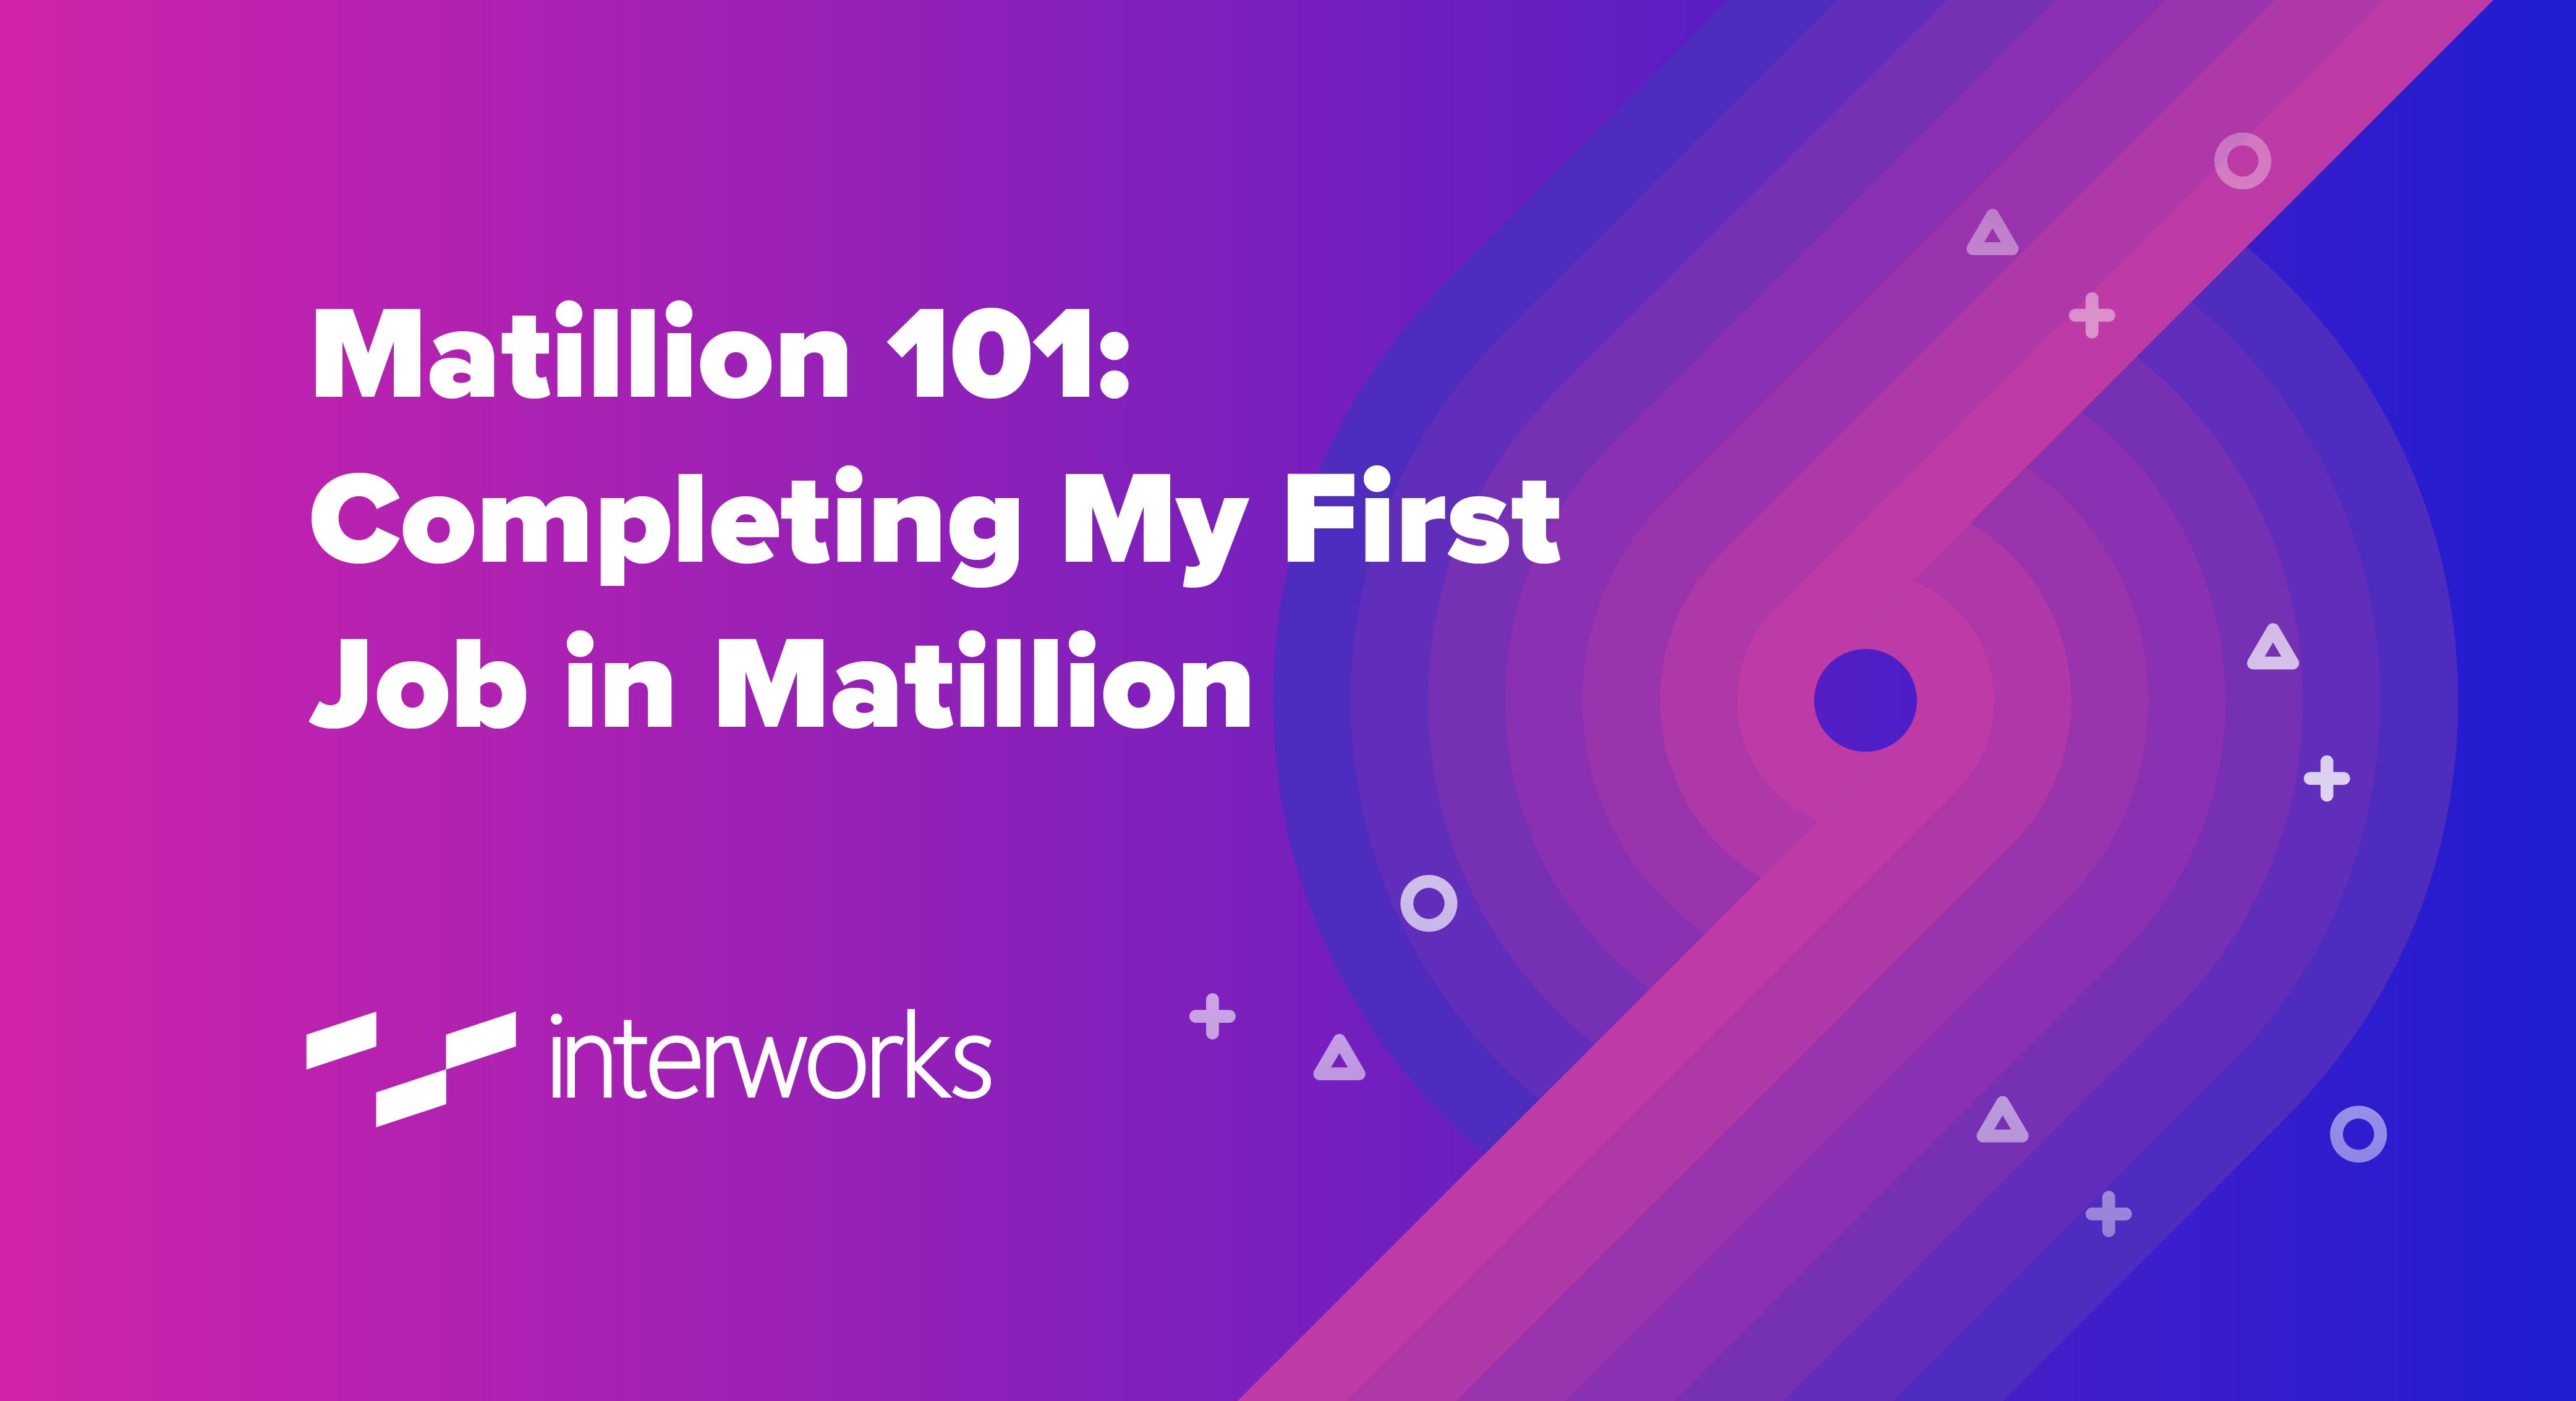 Matillion 101 first job